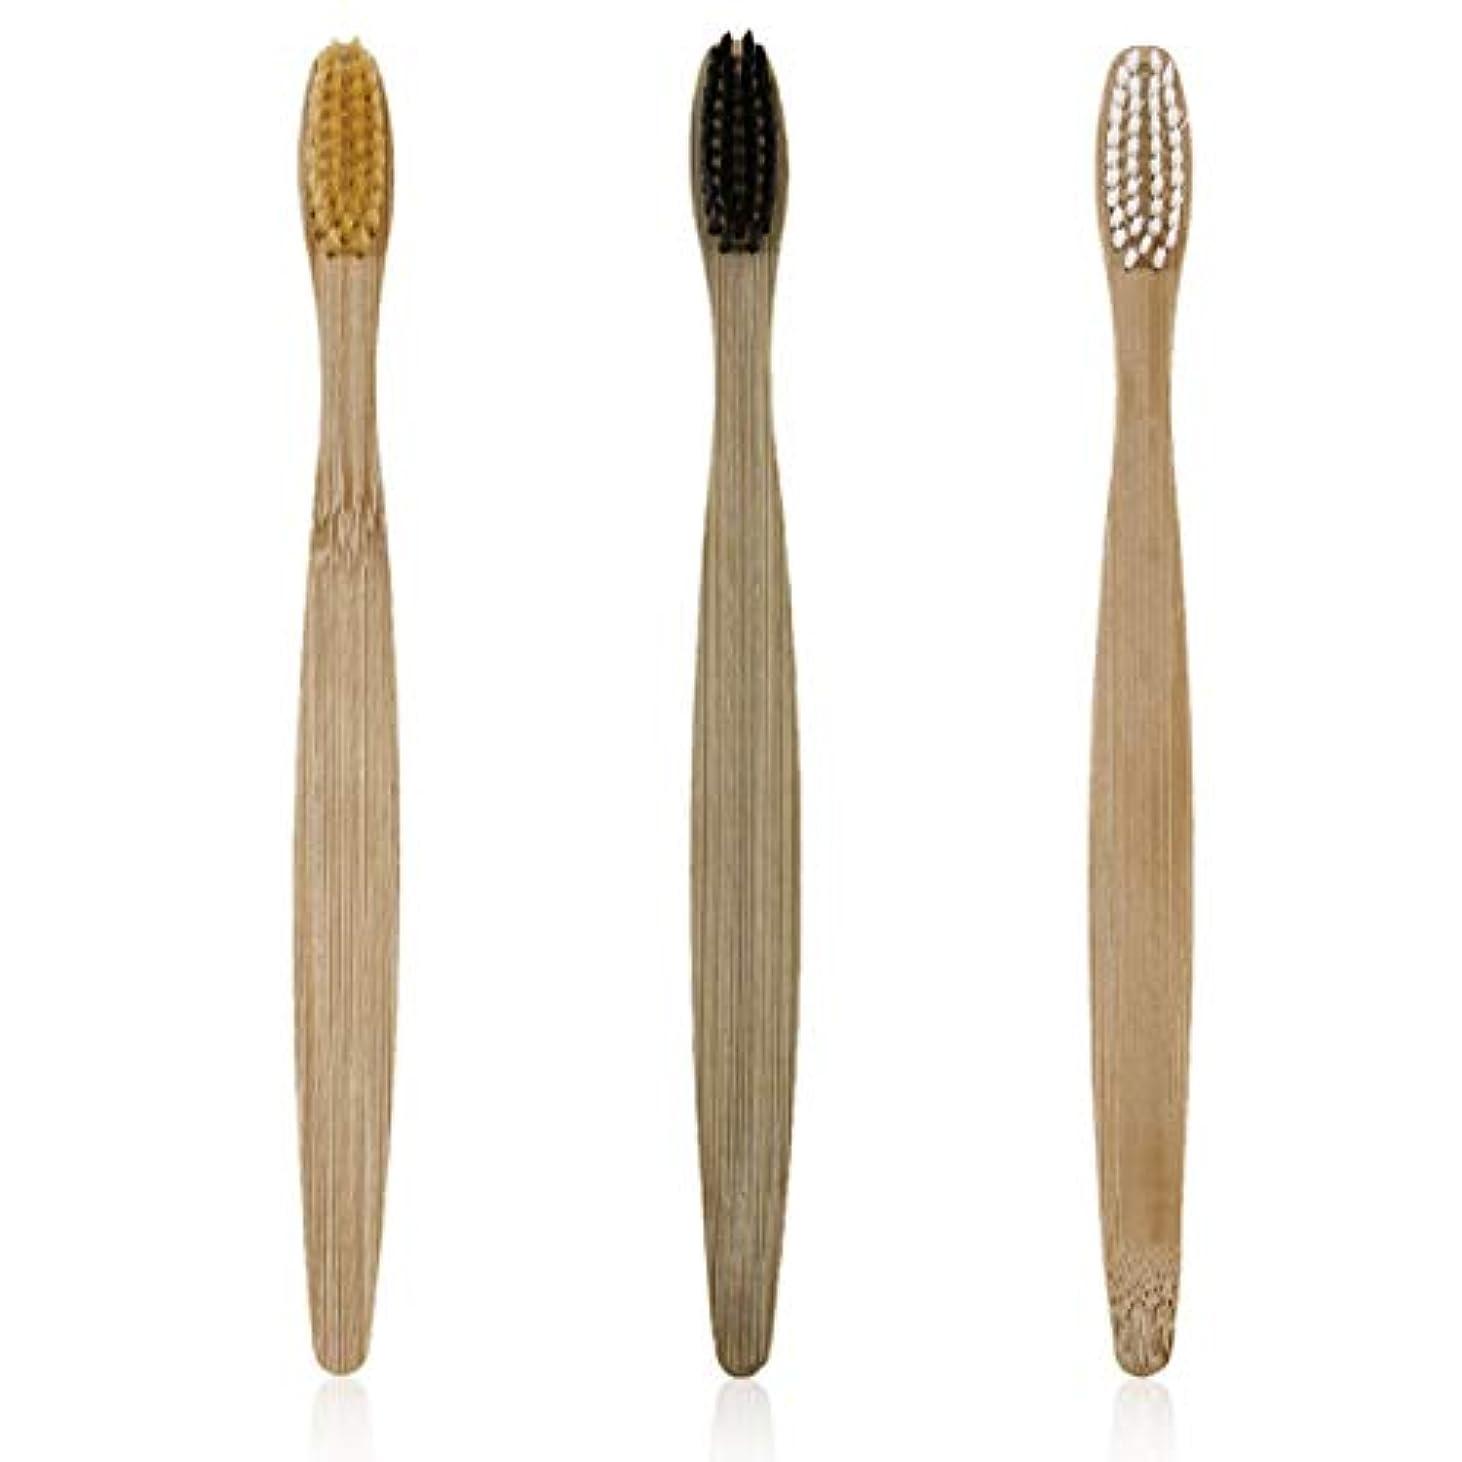 パステルスズメバチ日Tivollyff 電動歯ブラシ 3枚/セット環境にやさしい木材歯ブラシ竹歯ブラシソフト竹繊維の木製ハンドルの低炭素環境に優しいです 黒/白/黄